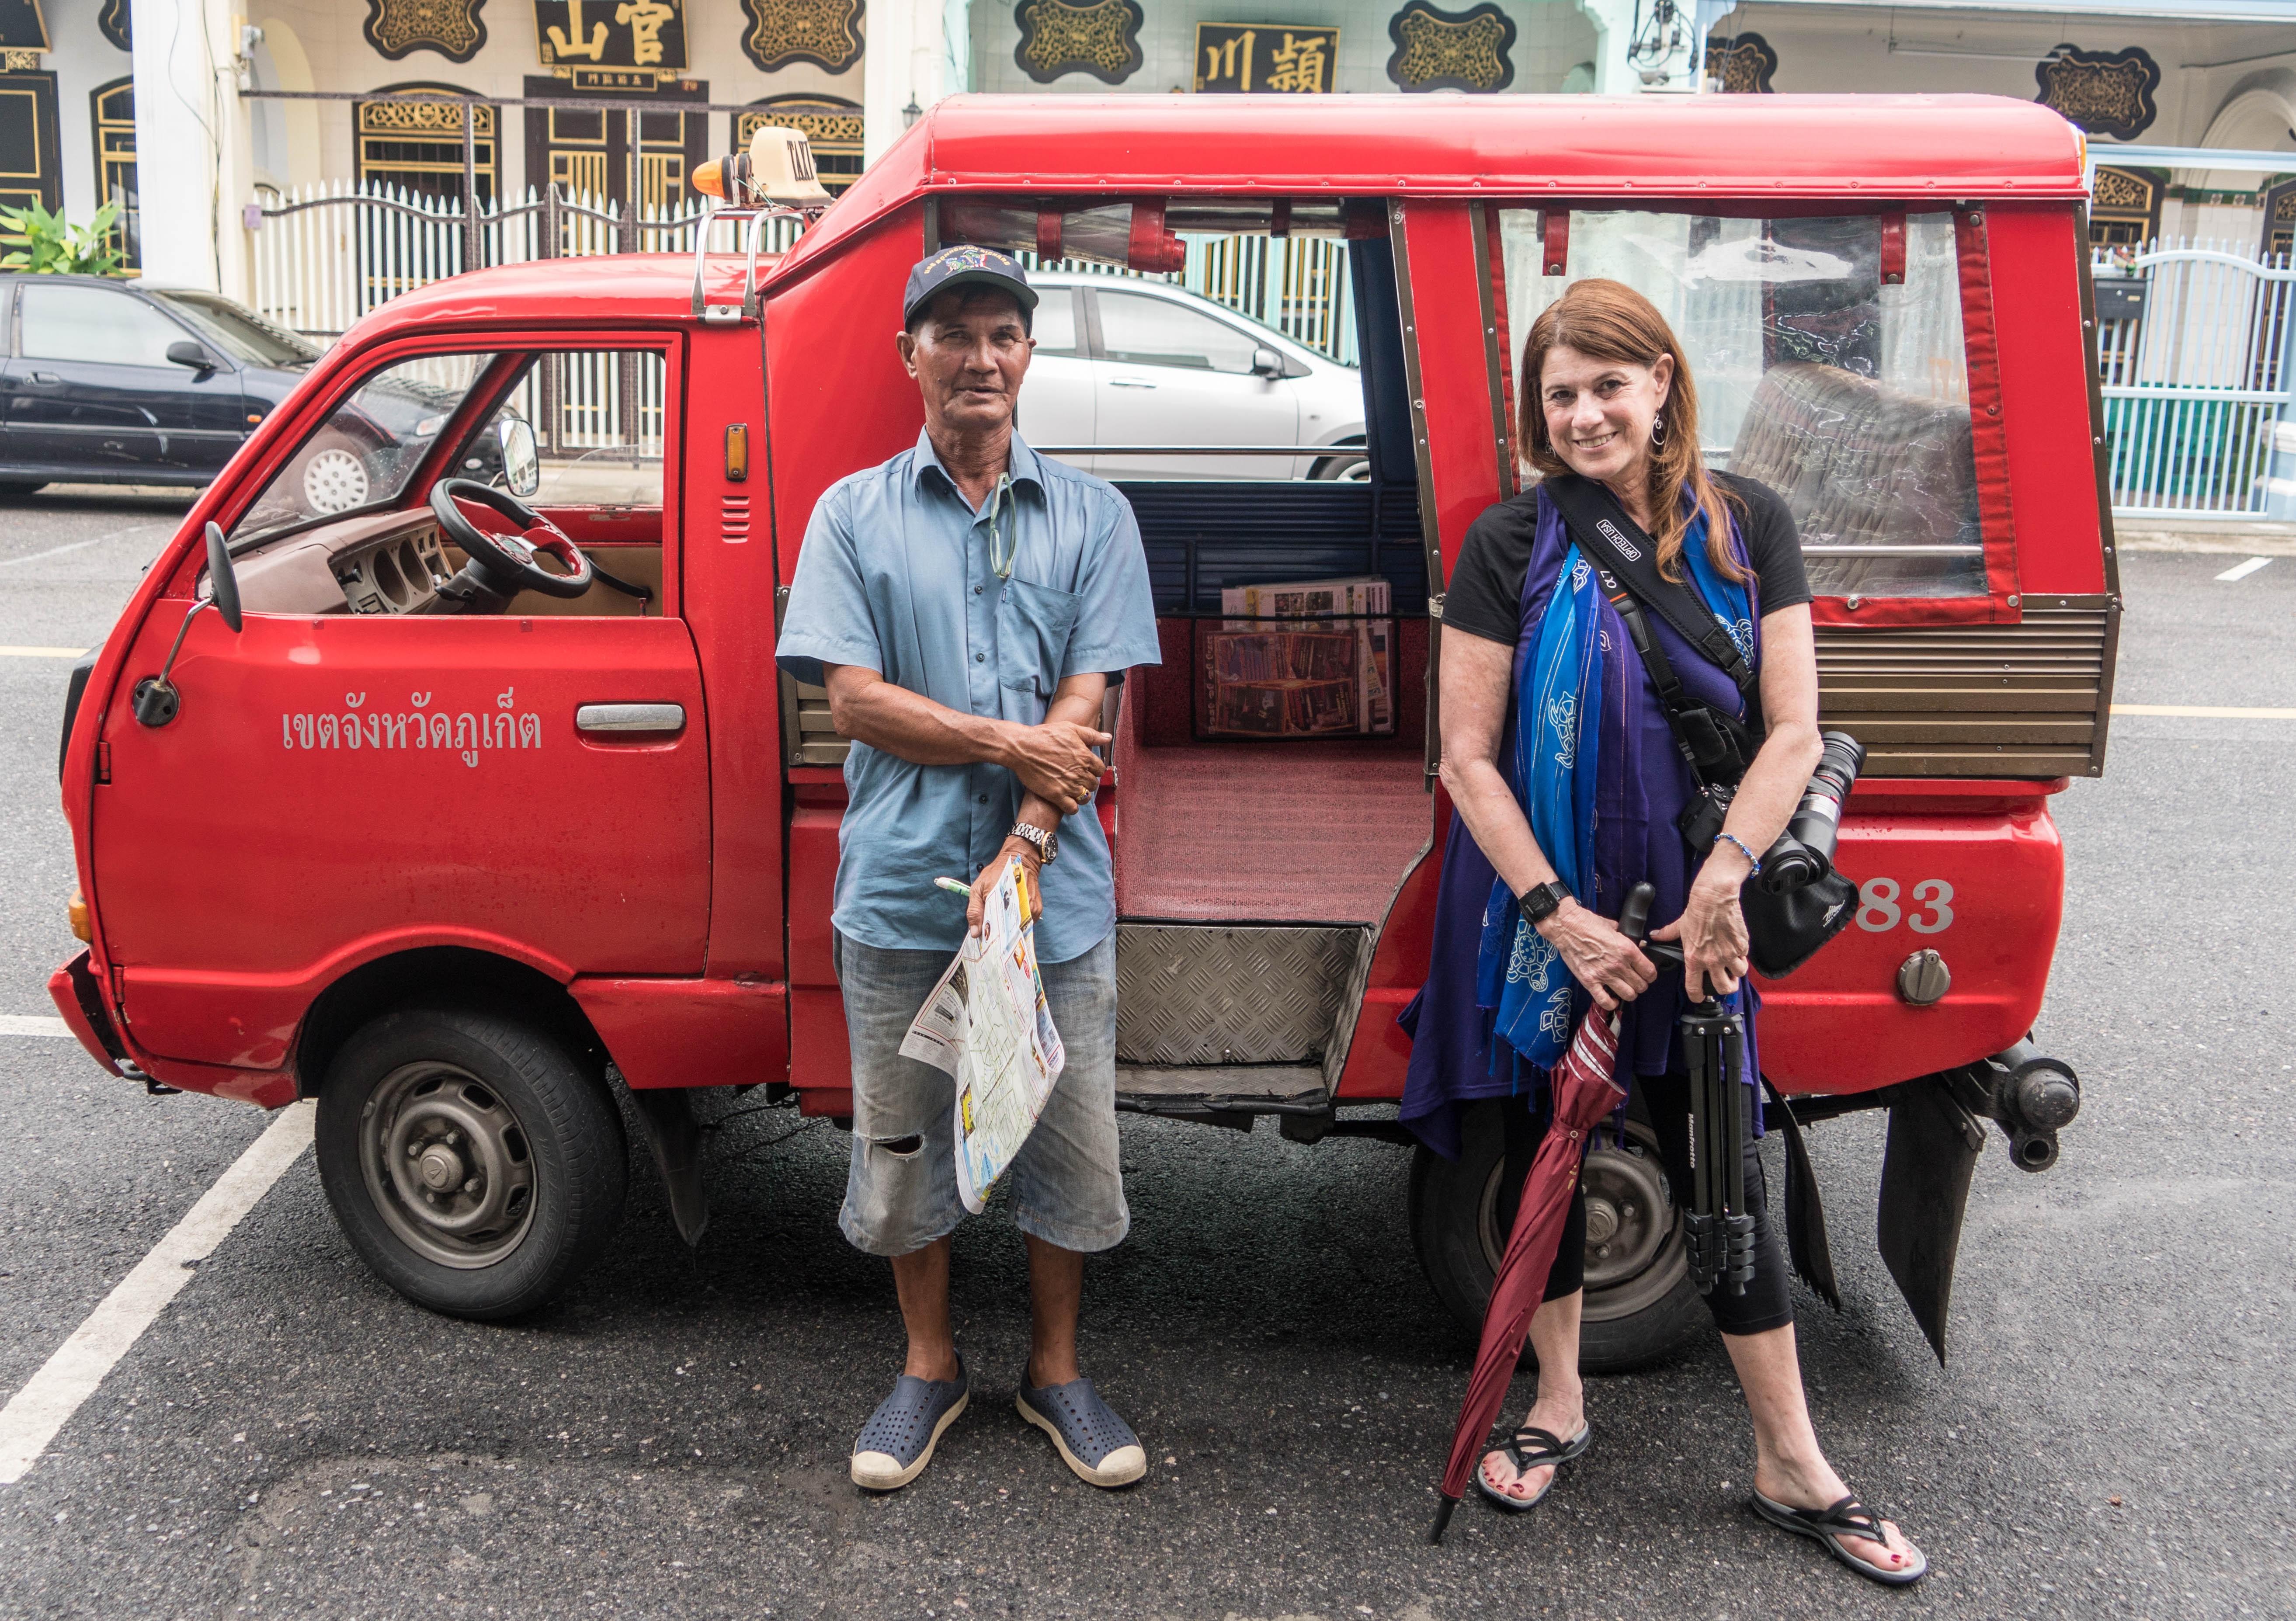 Gambar Orang Orang Orang Perjalanan Pria Wanita Angkutan